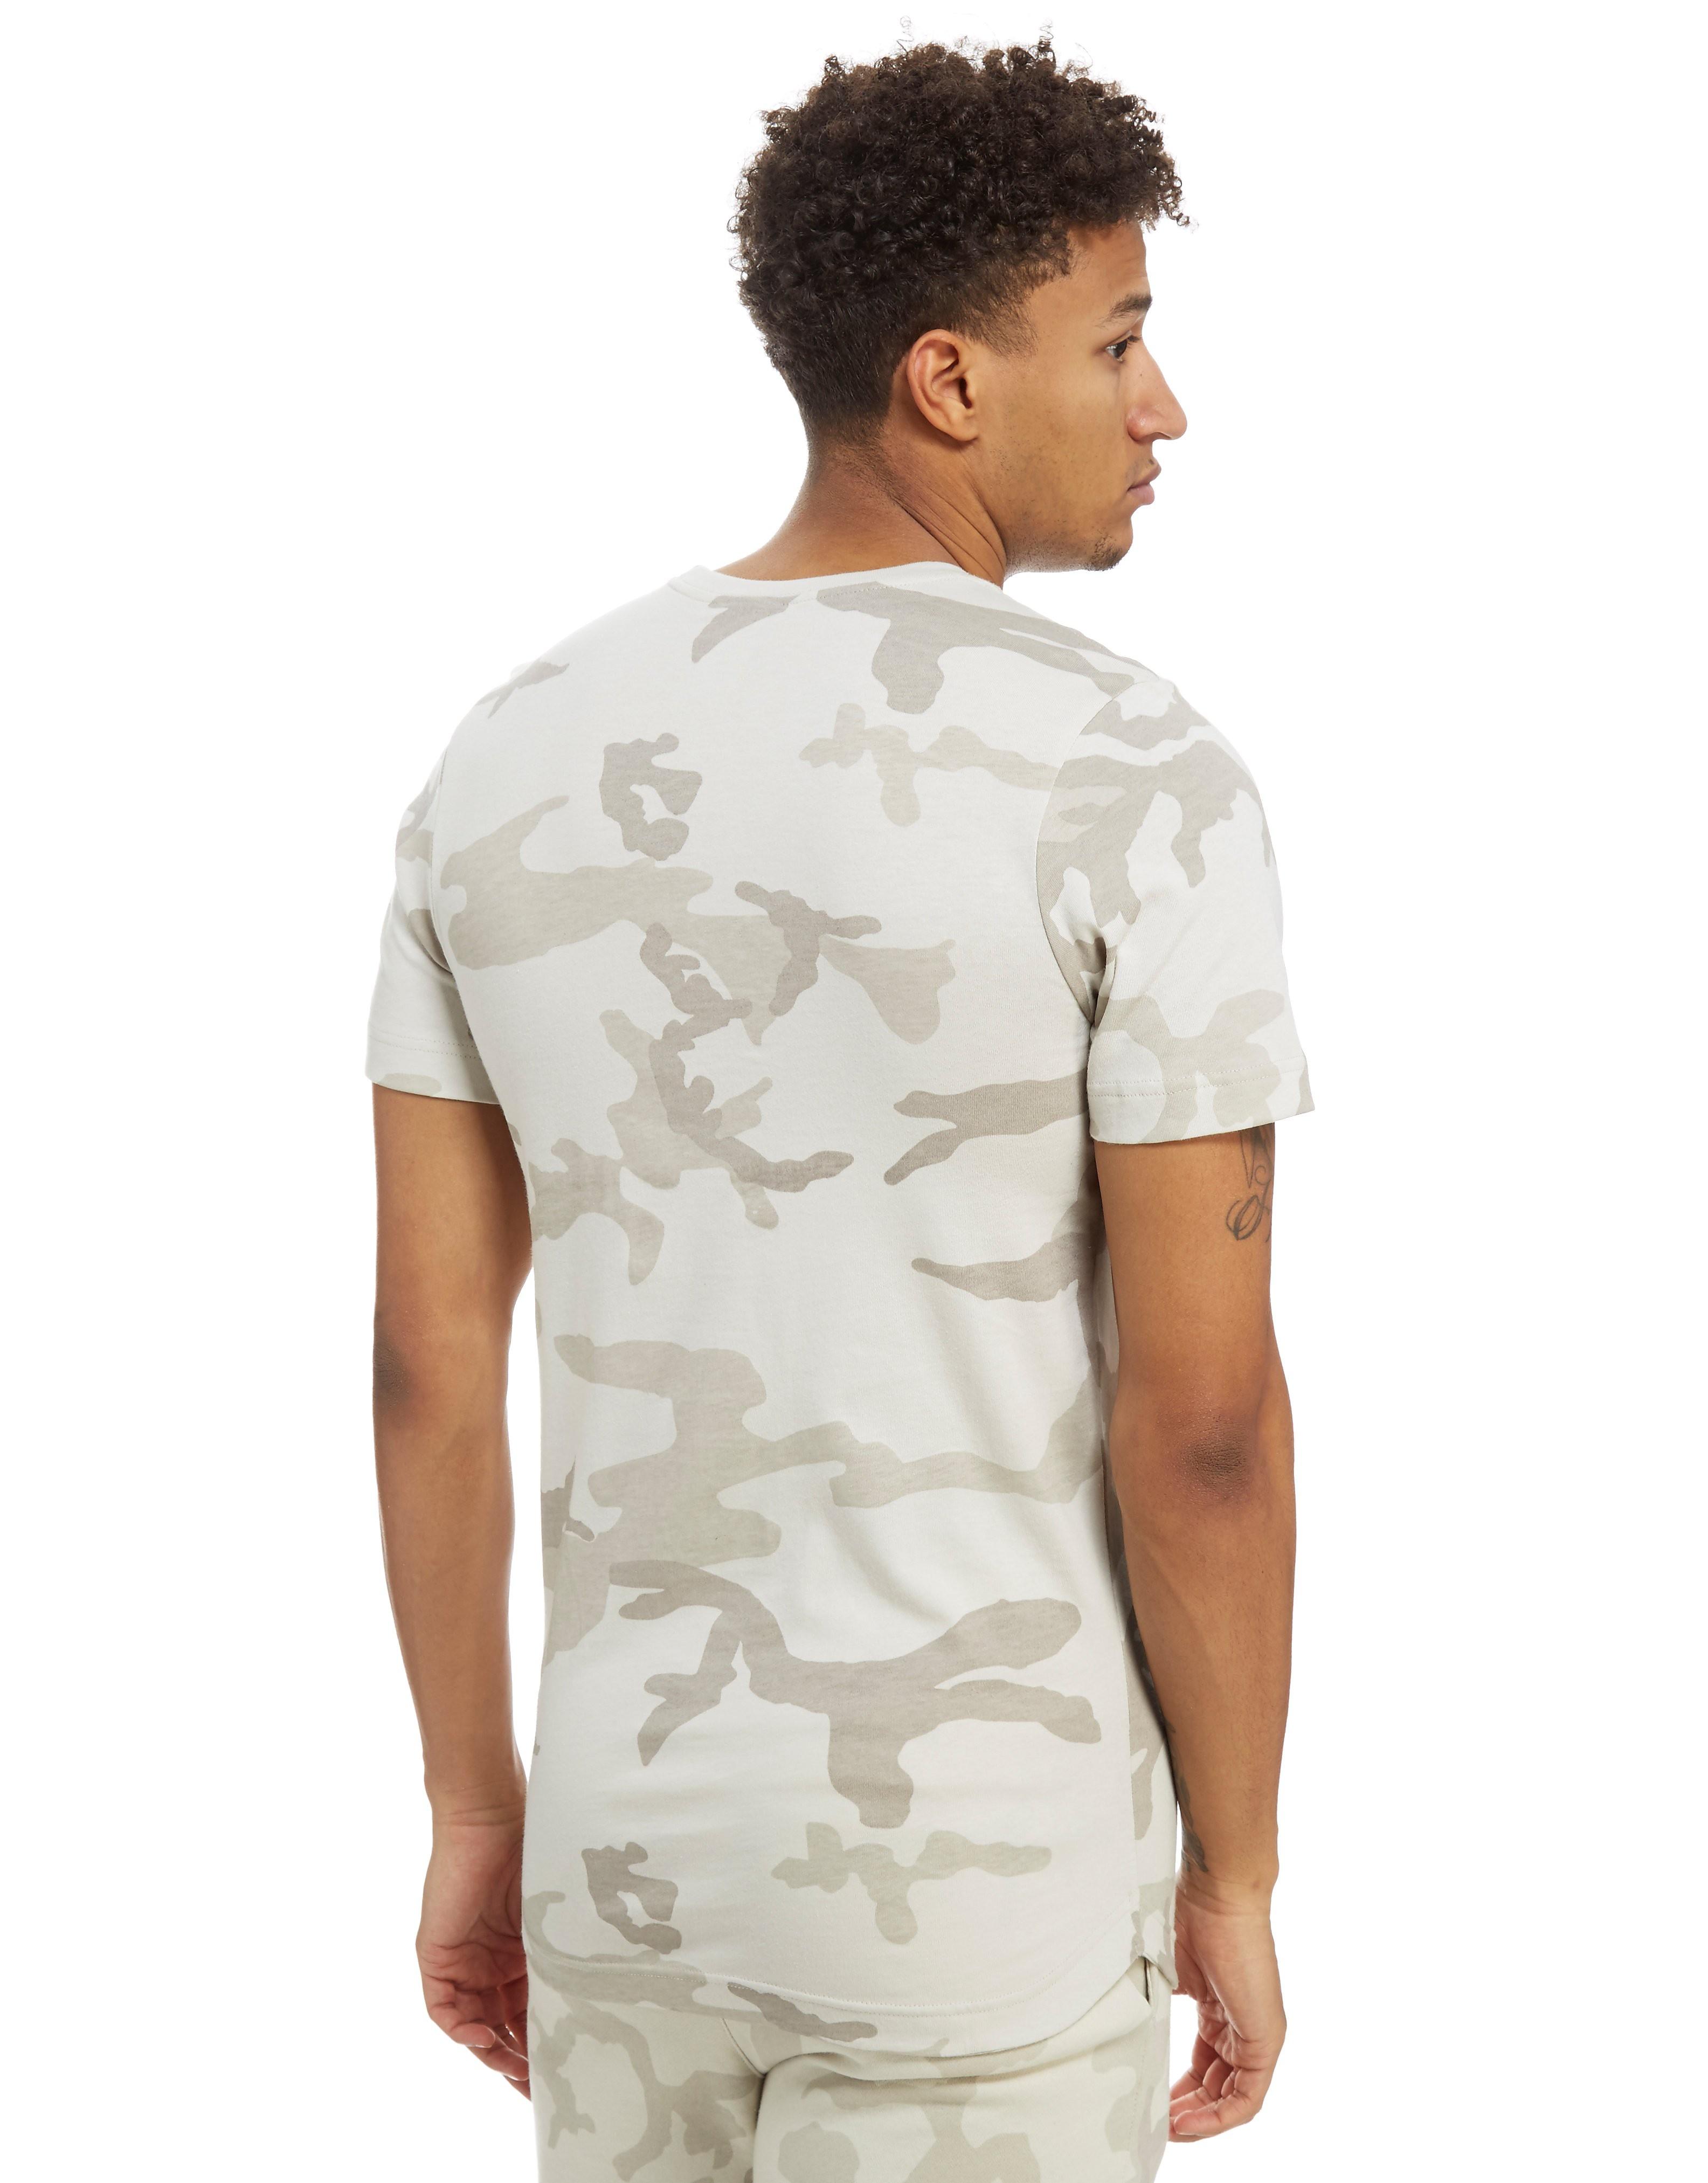 Nike Camo AOP T-Shirt